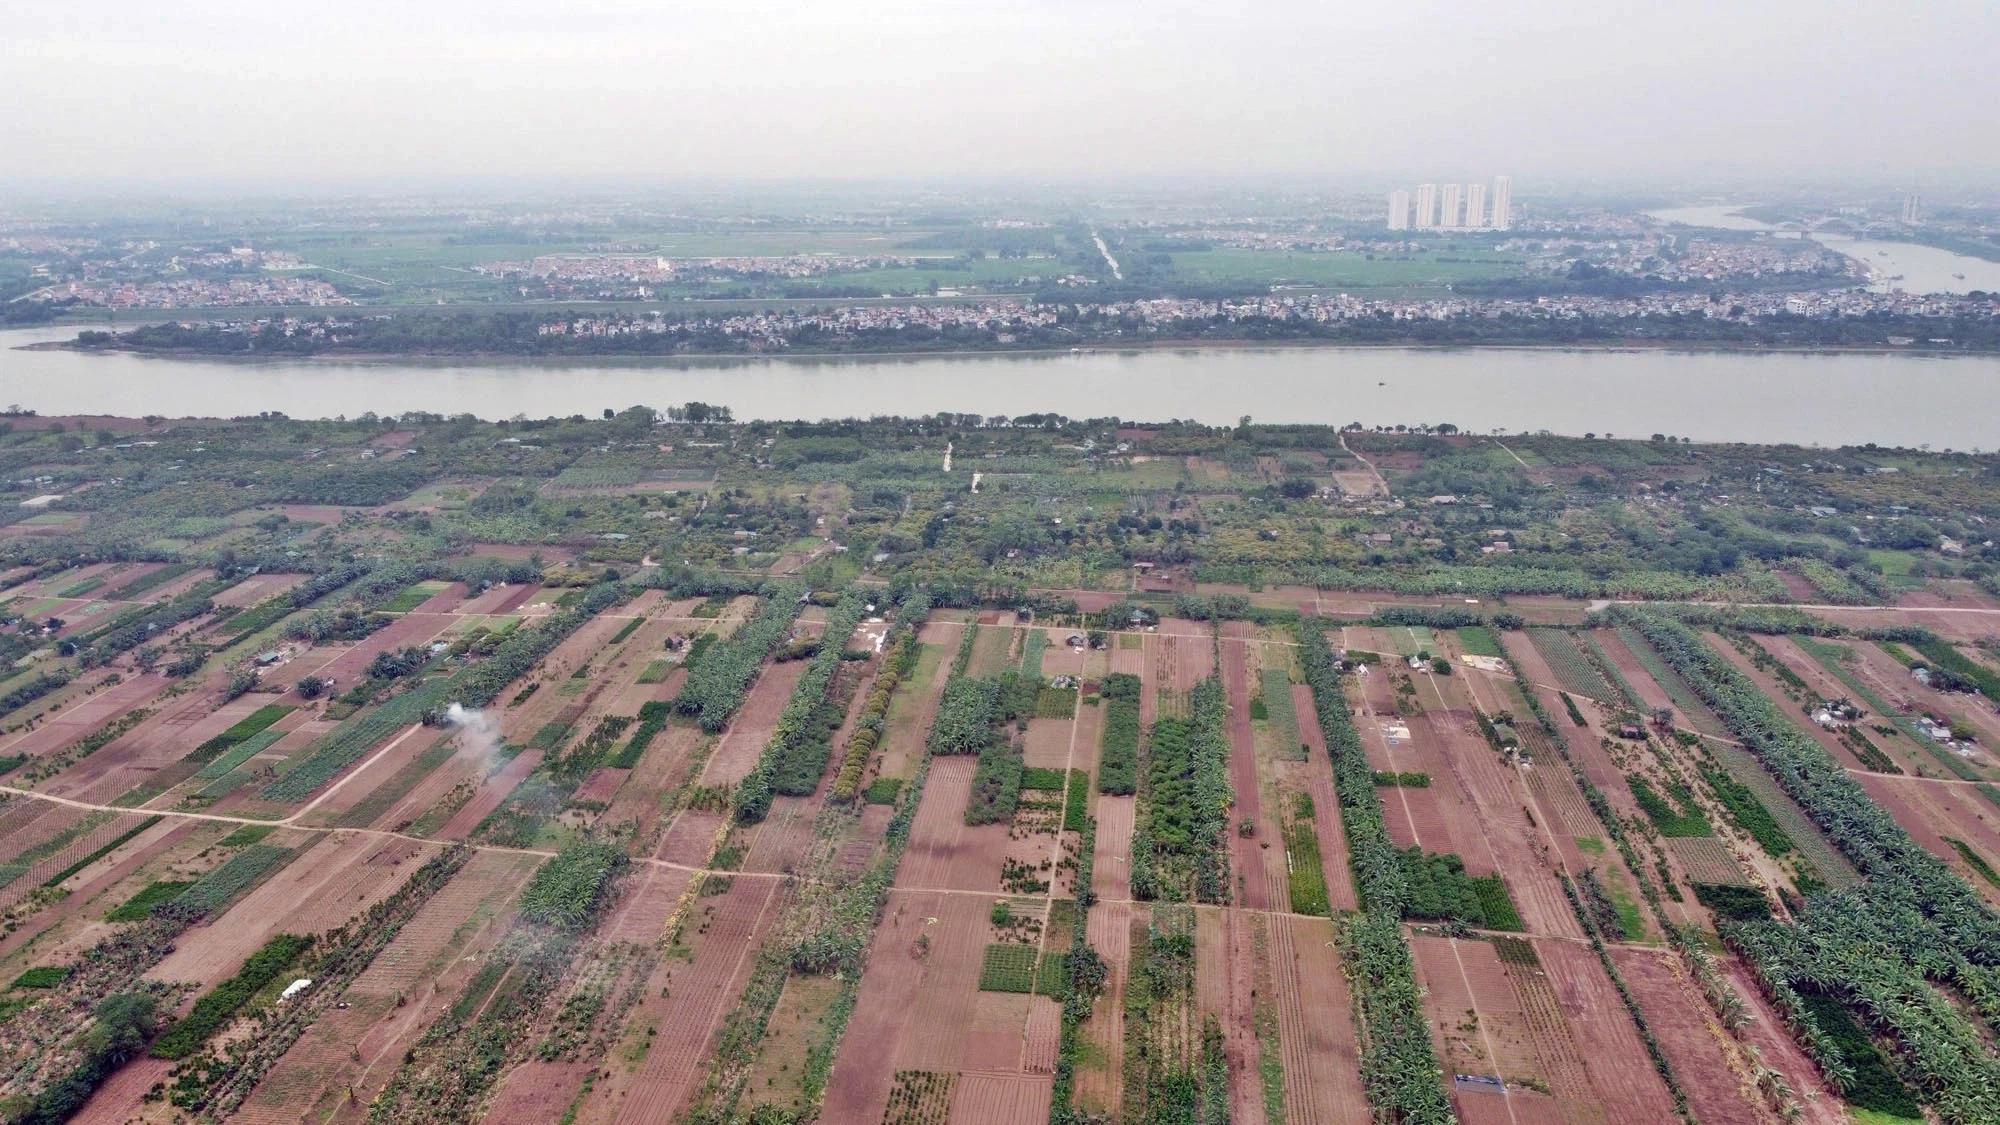 Toàn cảnh hiện trạng Phân khu đô thị sông Hồng trên địa bàn quận Tây Hồ - Ảnh 27.